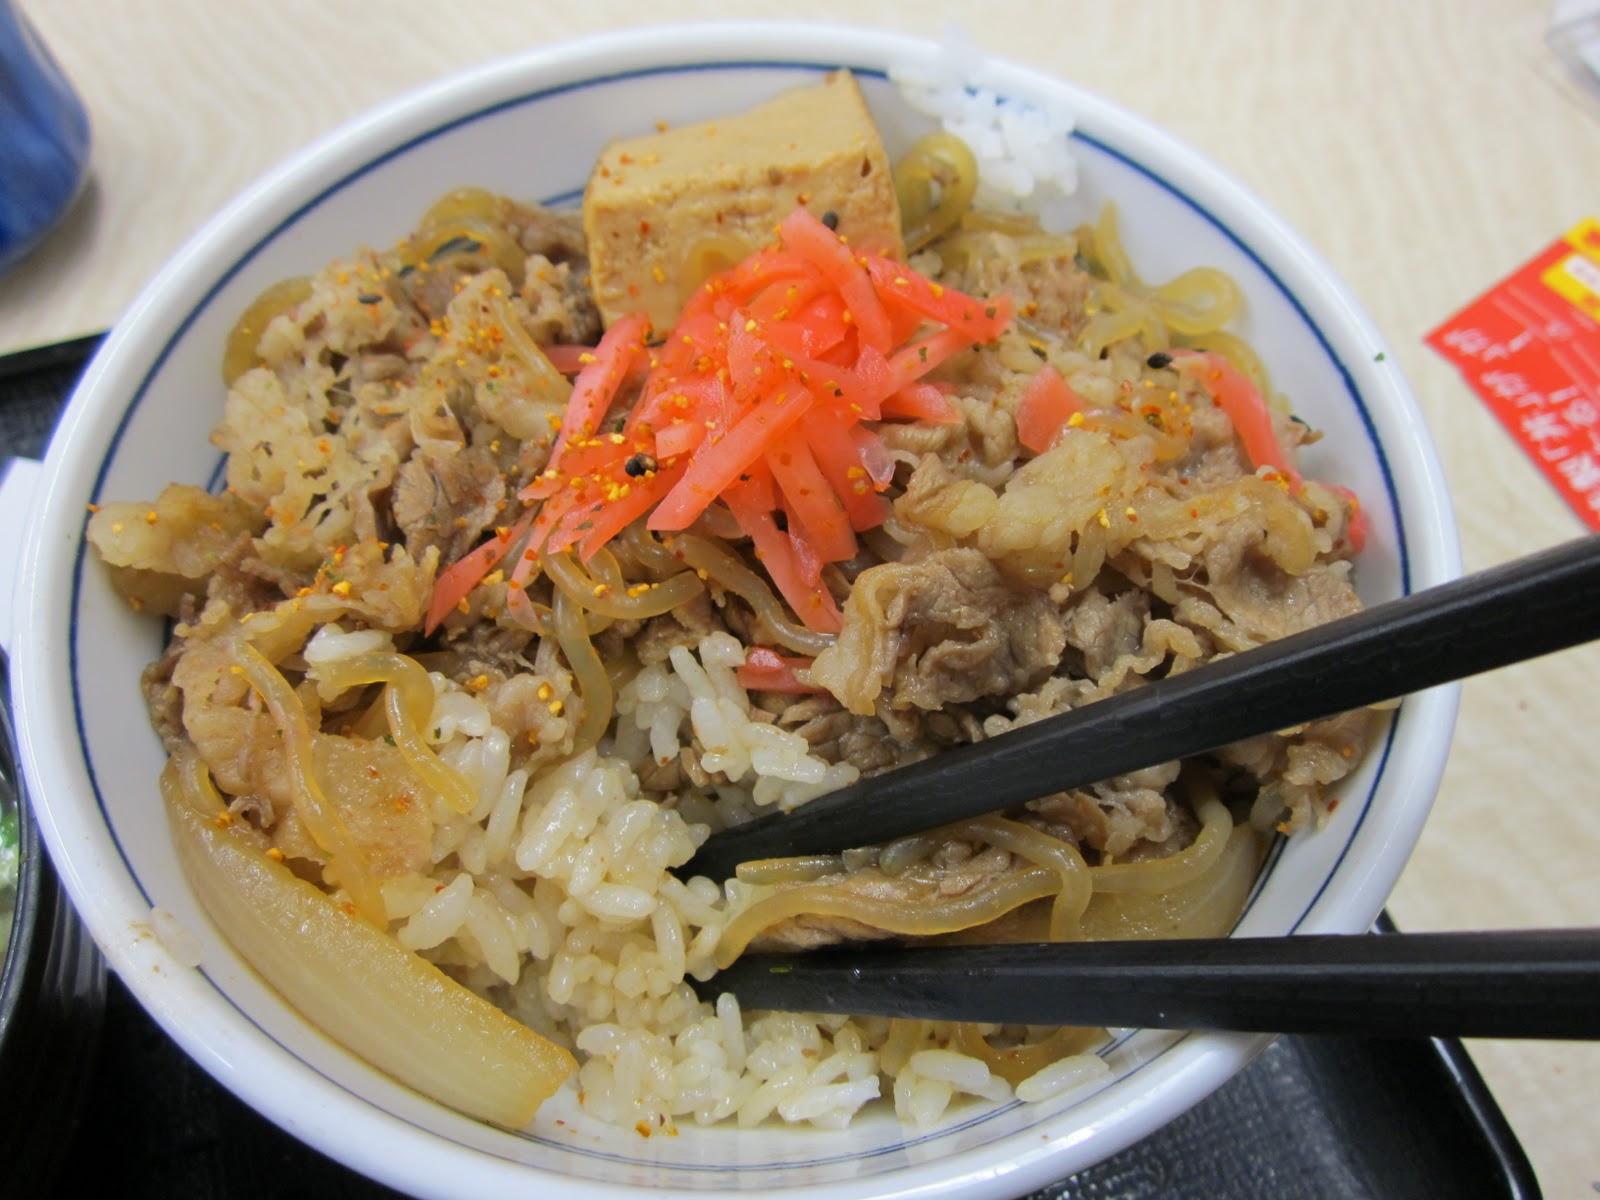 Es muy com n que el tofu se empleeasiduamente en la cocina - Como se cocina el tofu ...